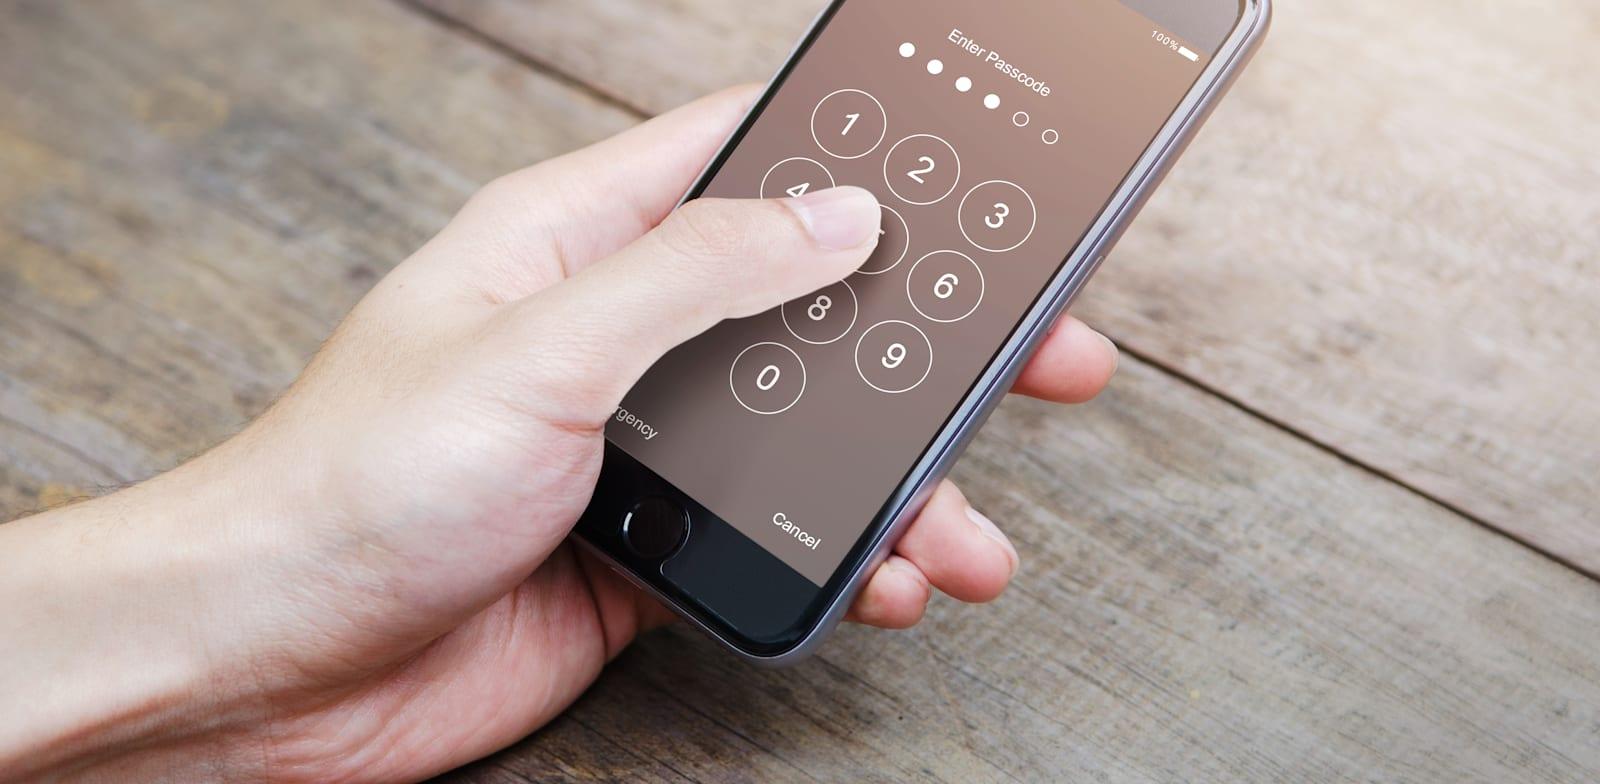 האם ניתן לחשוף את המידע הדיגיטלי של נפטר או שהוא זכאי להגנת הפרטיות / צילום: Shutterstock, oatawa